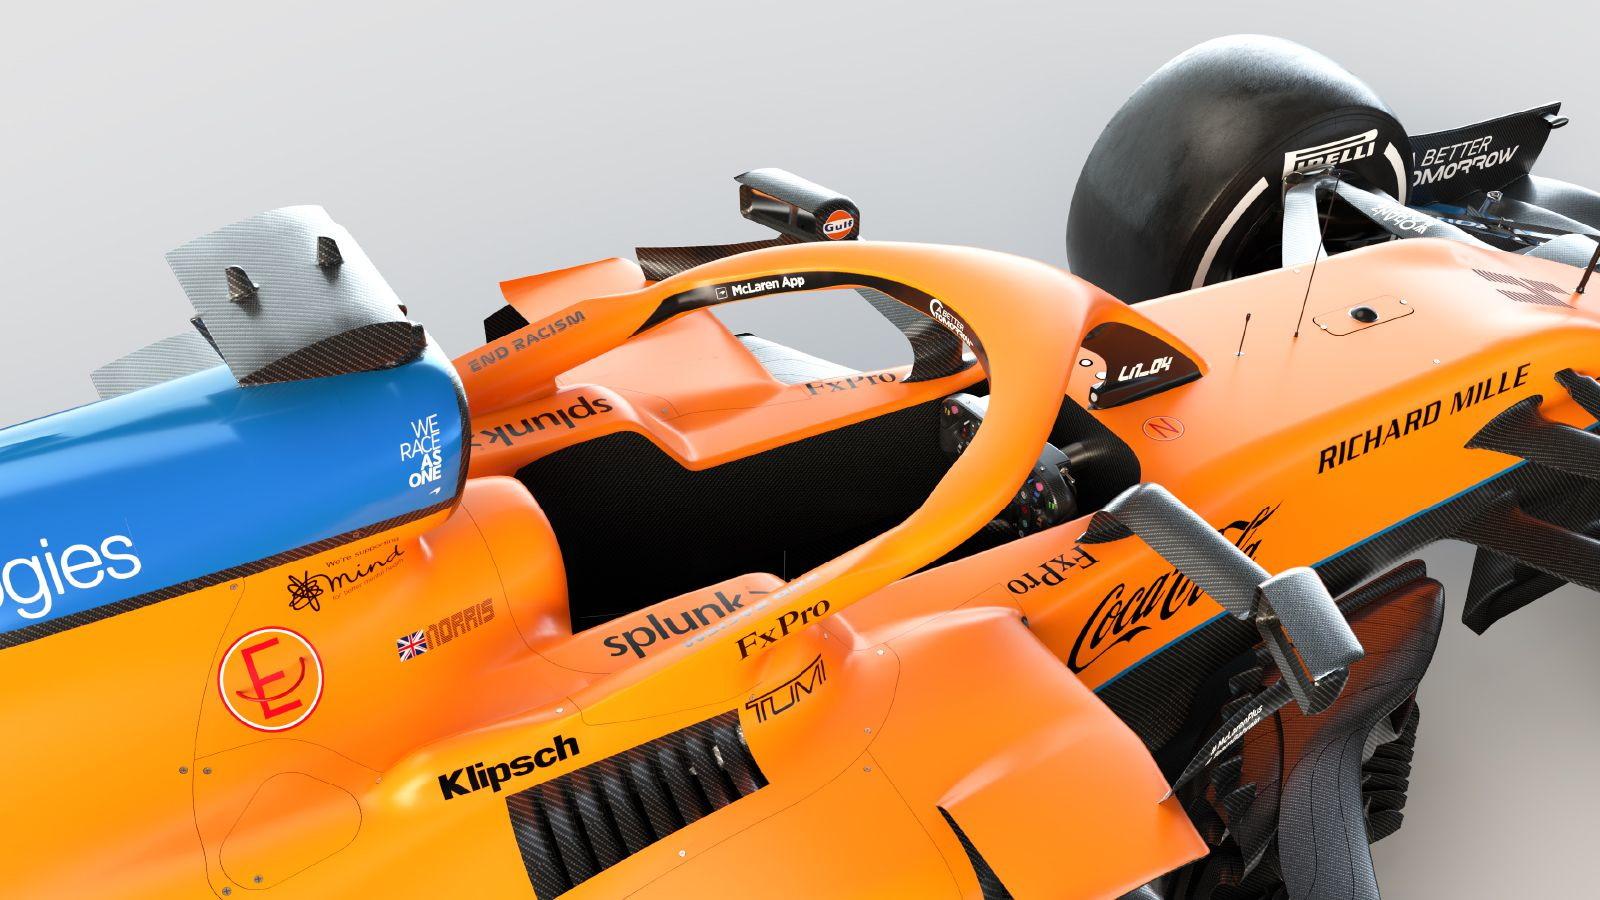 Svelata la monoposto affidata alle ambizioni di Daniel Ricciardo e Lando Norris.<br /><br />